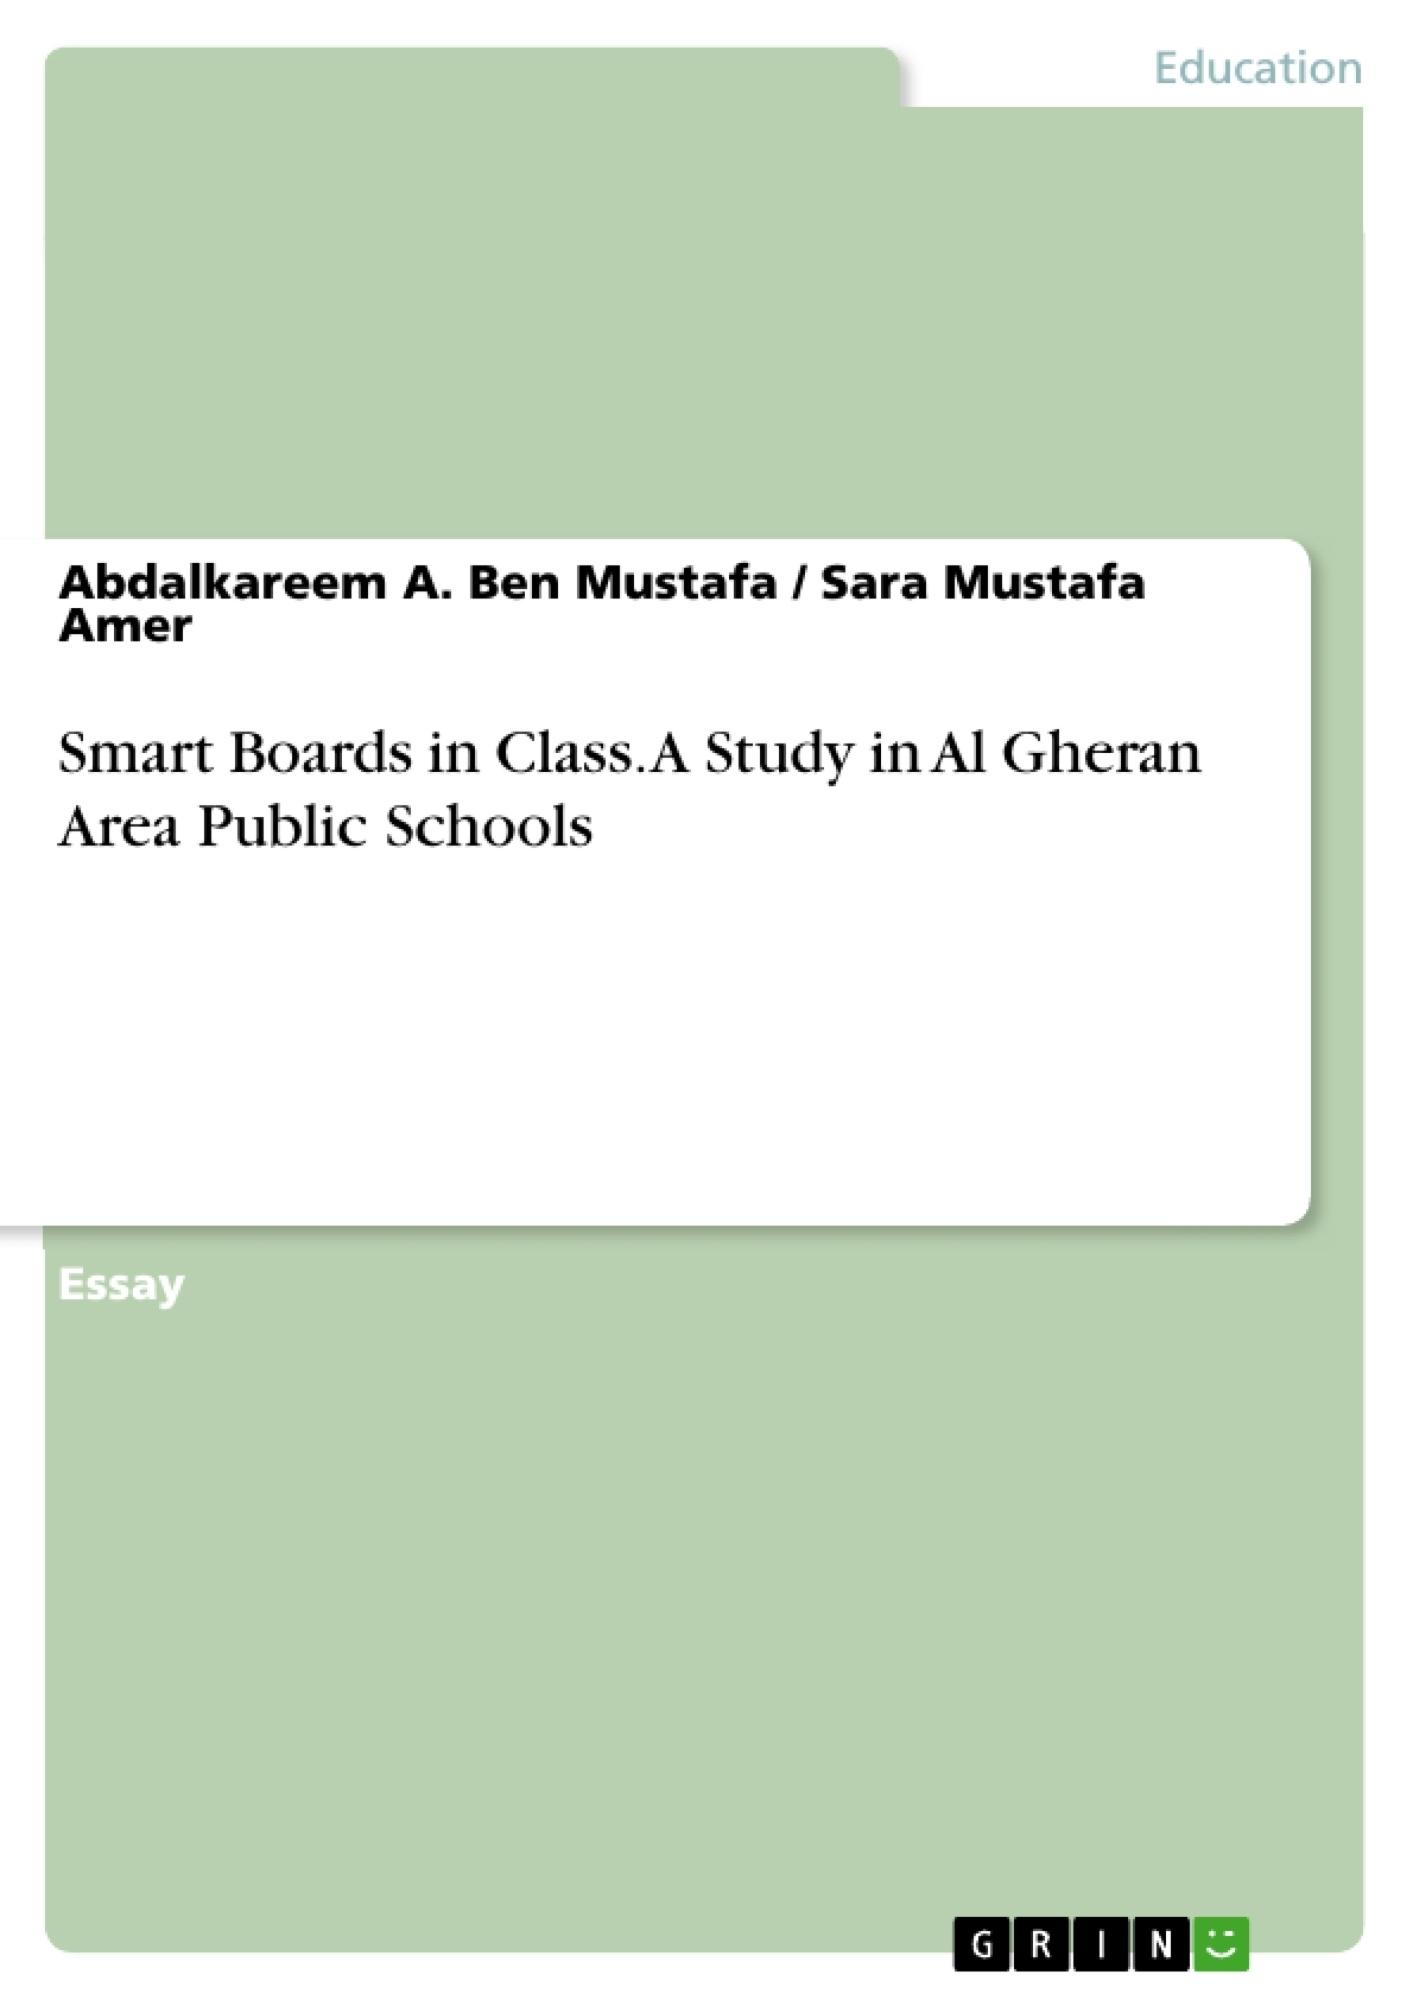 Title: Smart Boards in Class. A Study in Al Gheran Area Public Schools